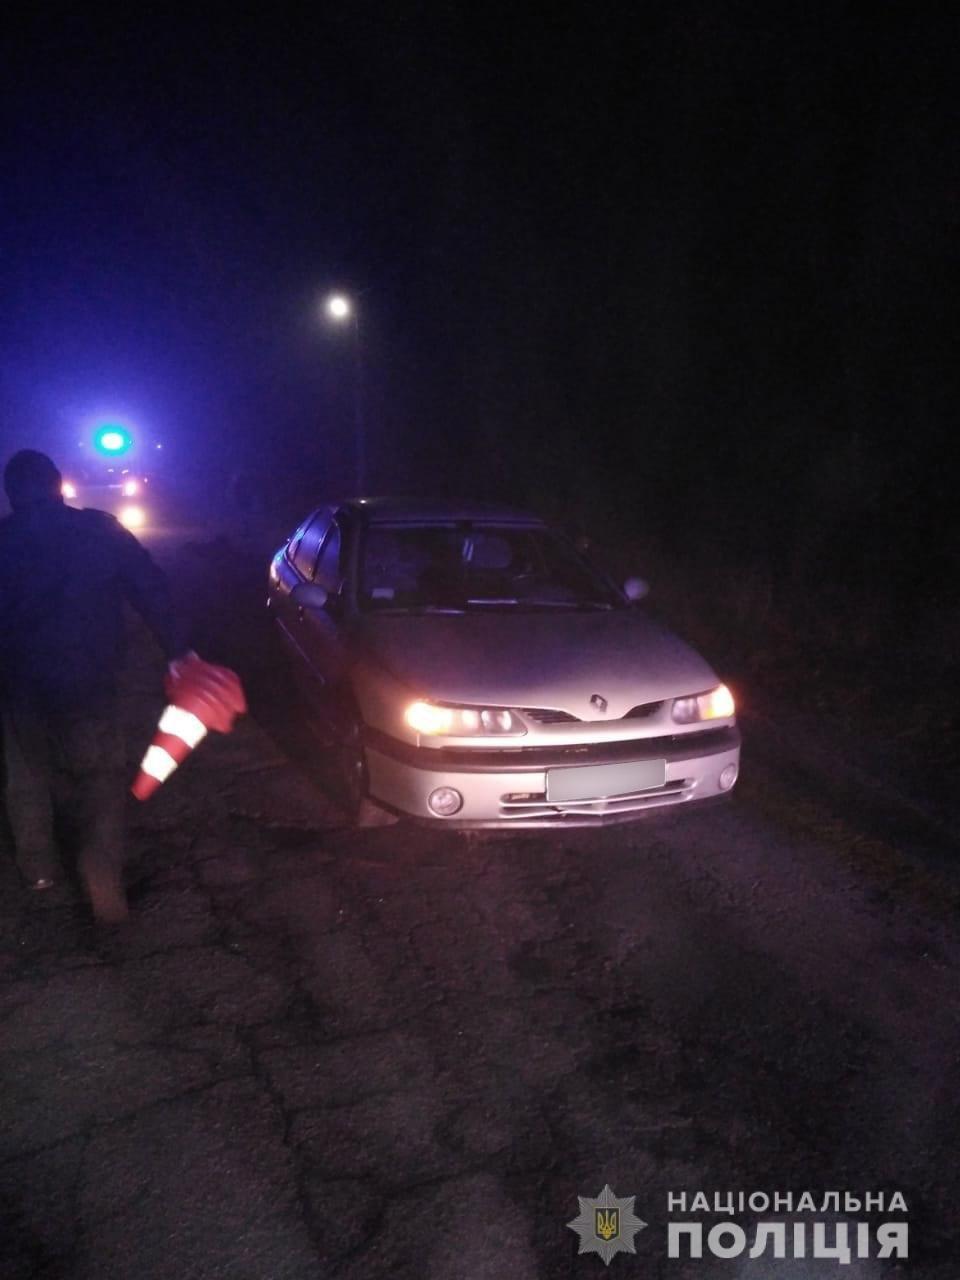 На Харьковщине легковой автомобиль переехал насмерть лежавшего на дороге пенсионера, - ФОТО, фото-1